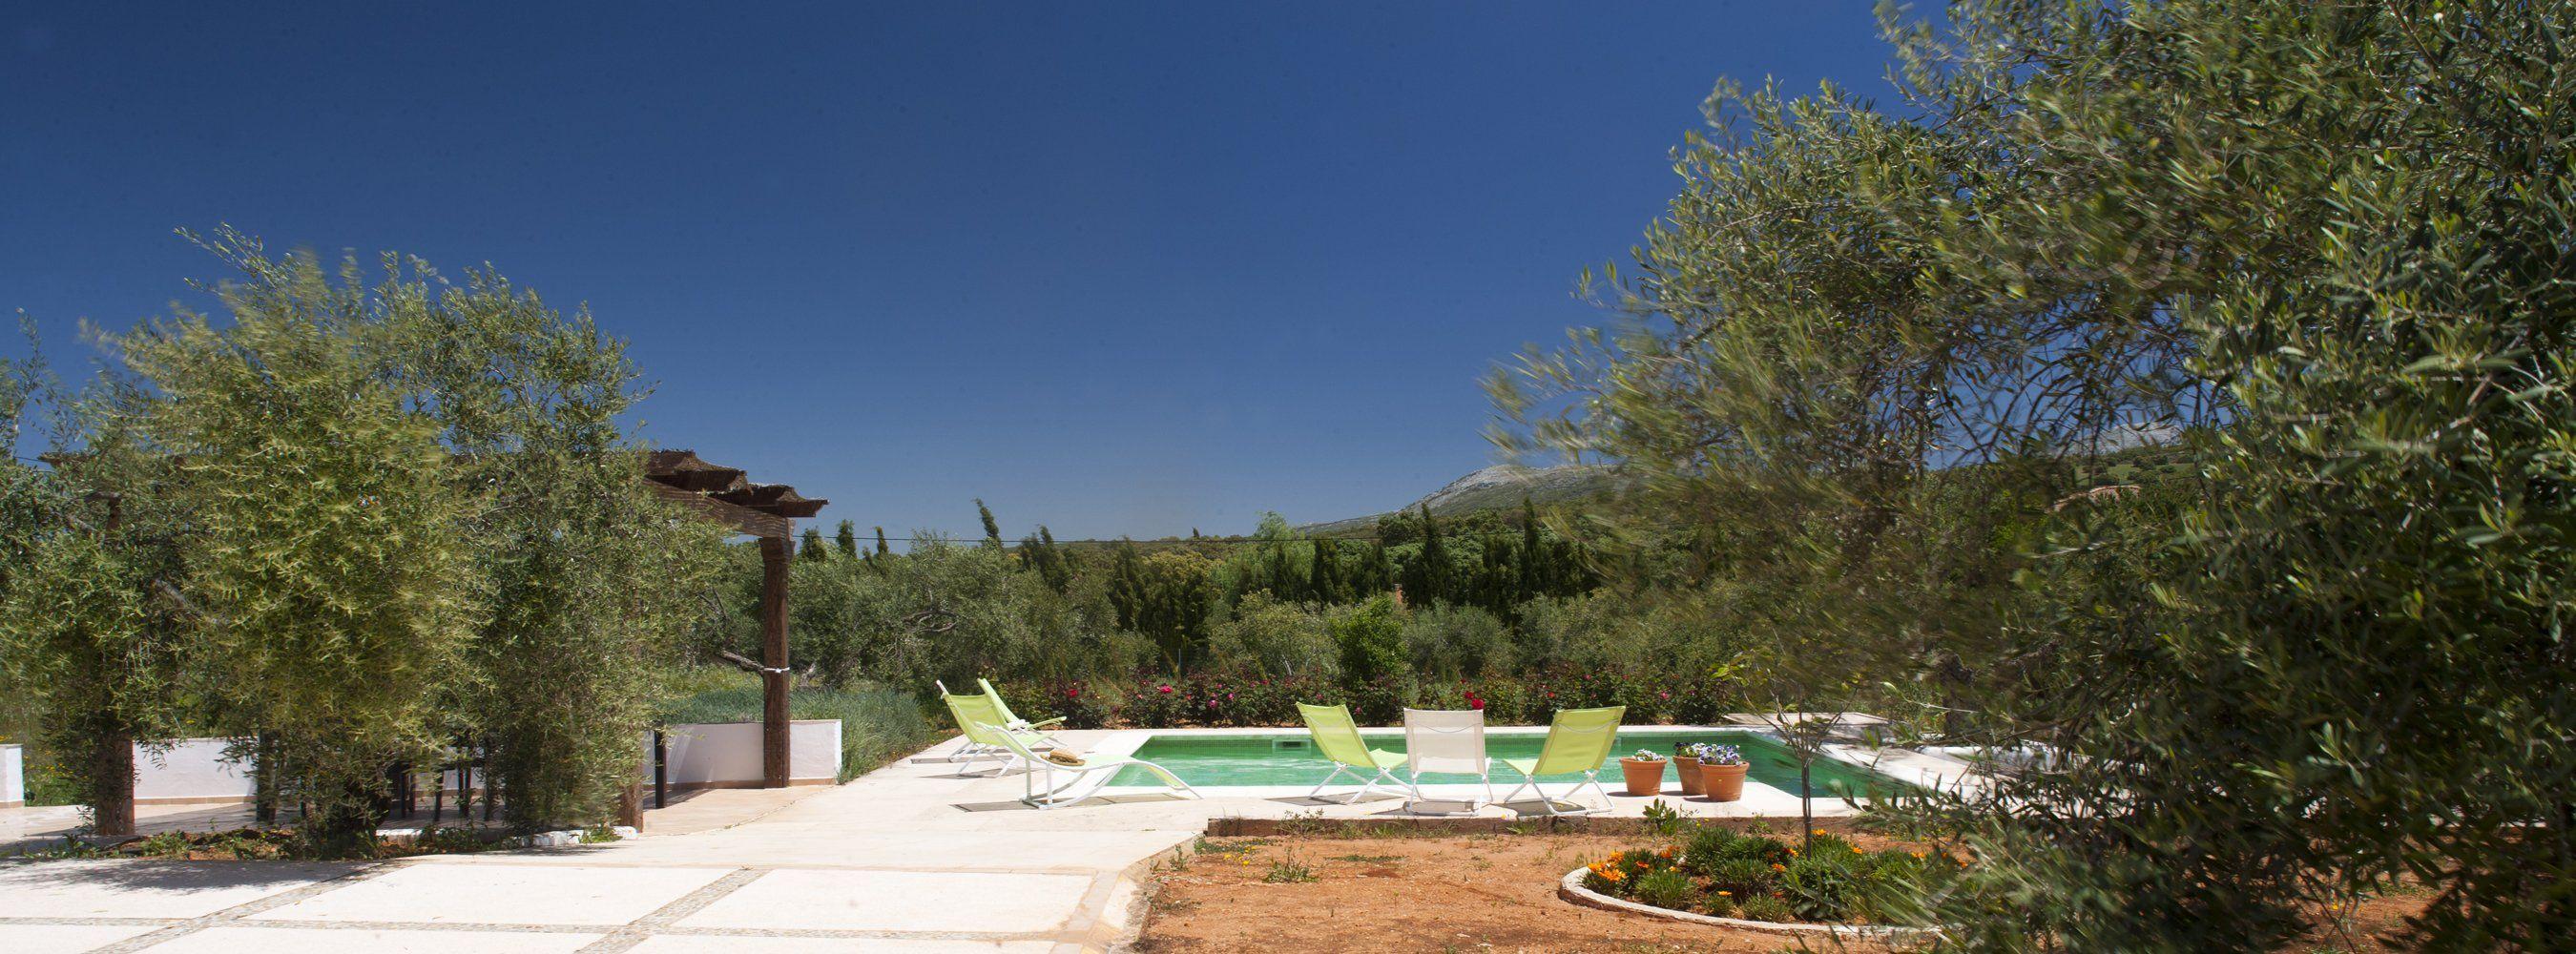 garden villa andalucia